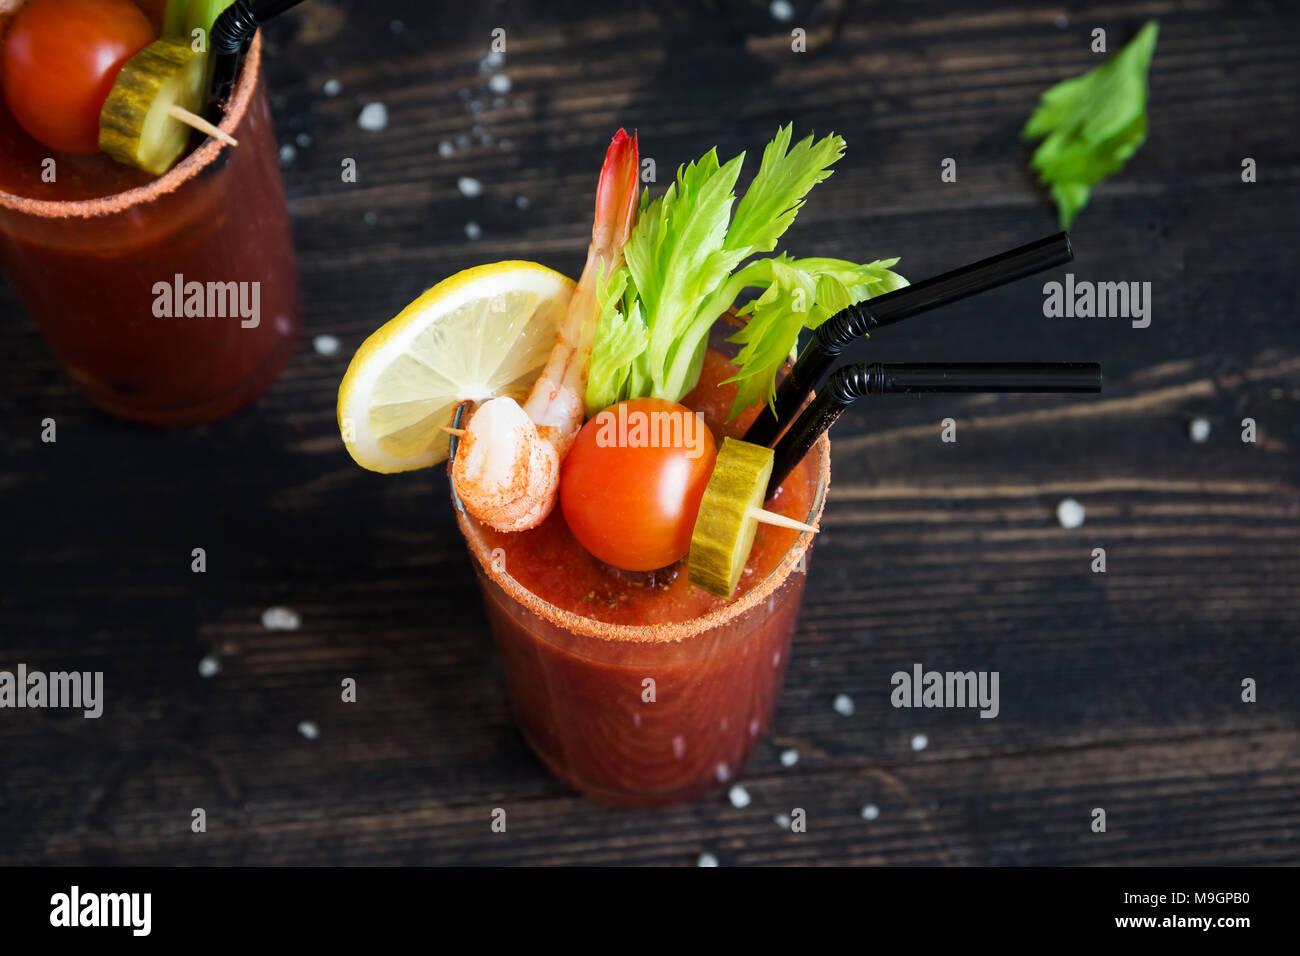 Bloody Mary Cocktail in Glas mit Beilagen. Tomate Bloody Mary würzige Drink auf schwarzen Hintergrund mit kopieren. Stockbild